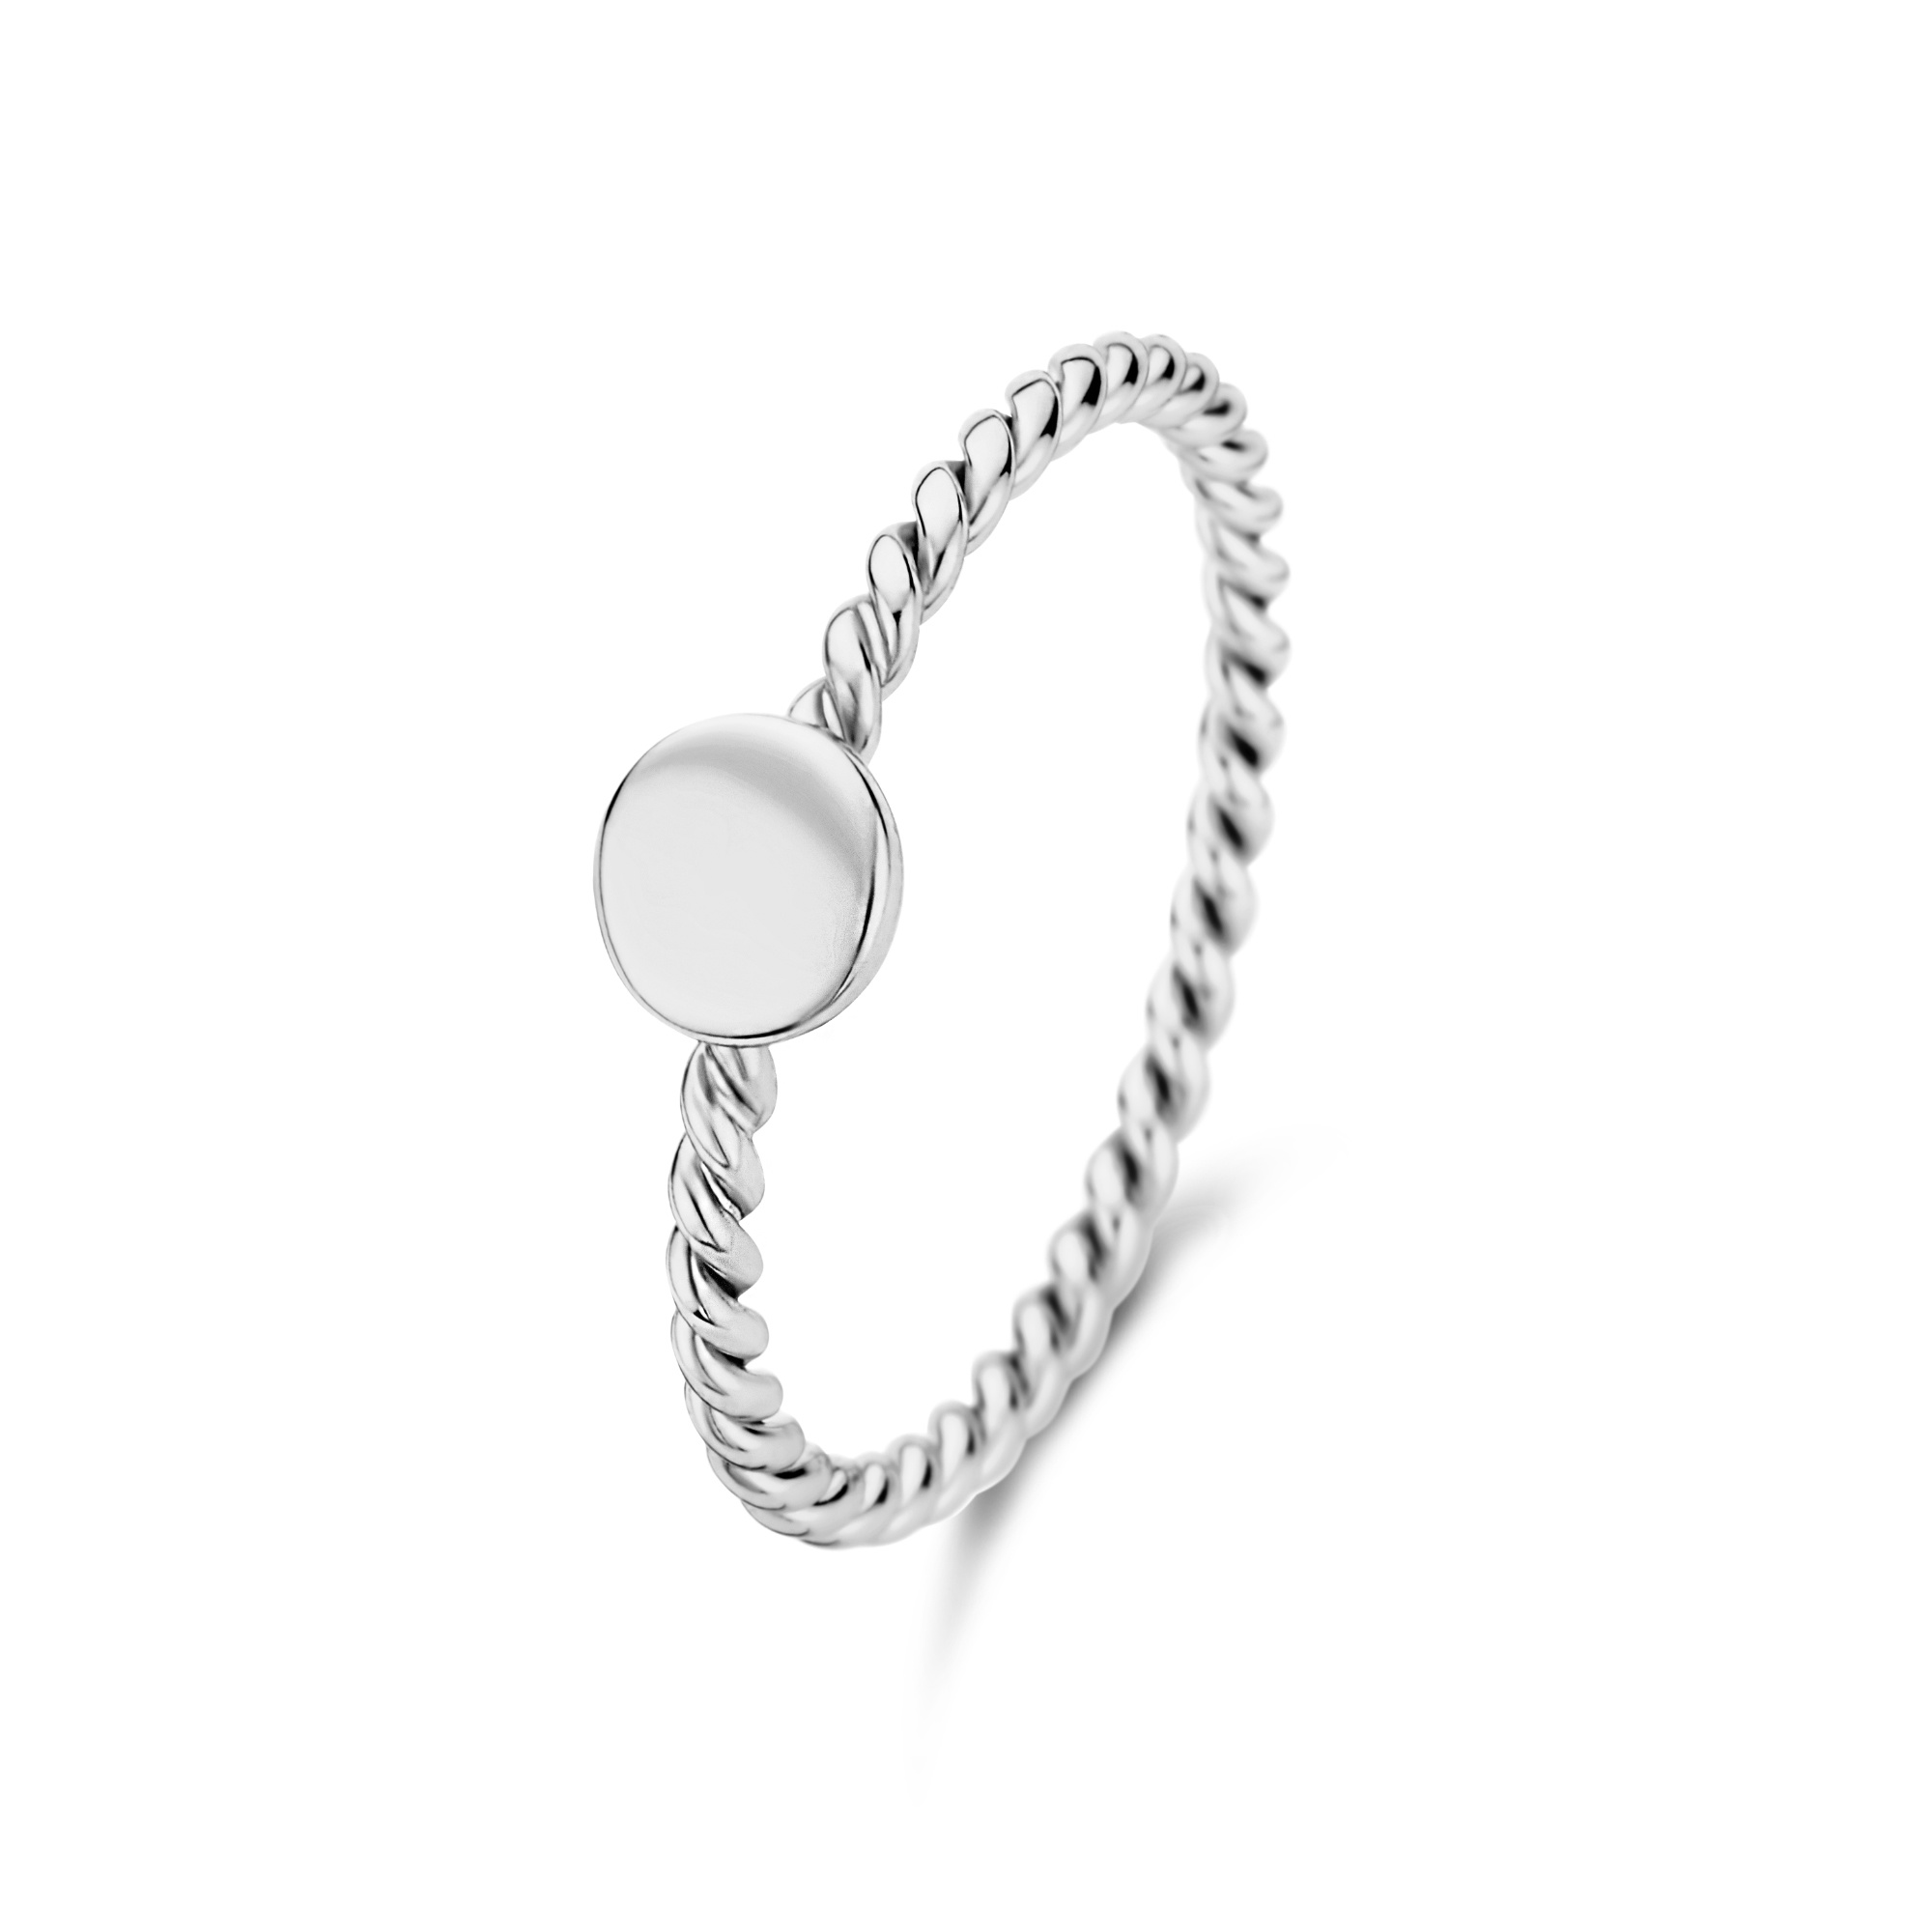 Selected Jewels Julie Belle ring i 925 sterling silver